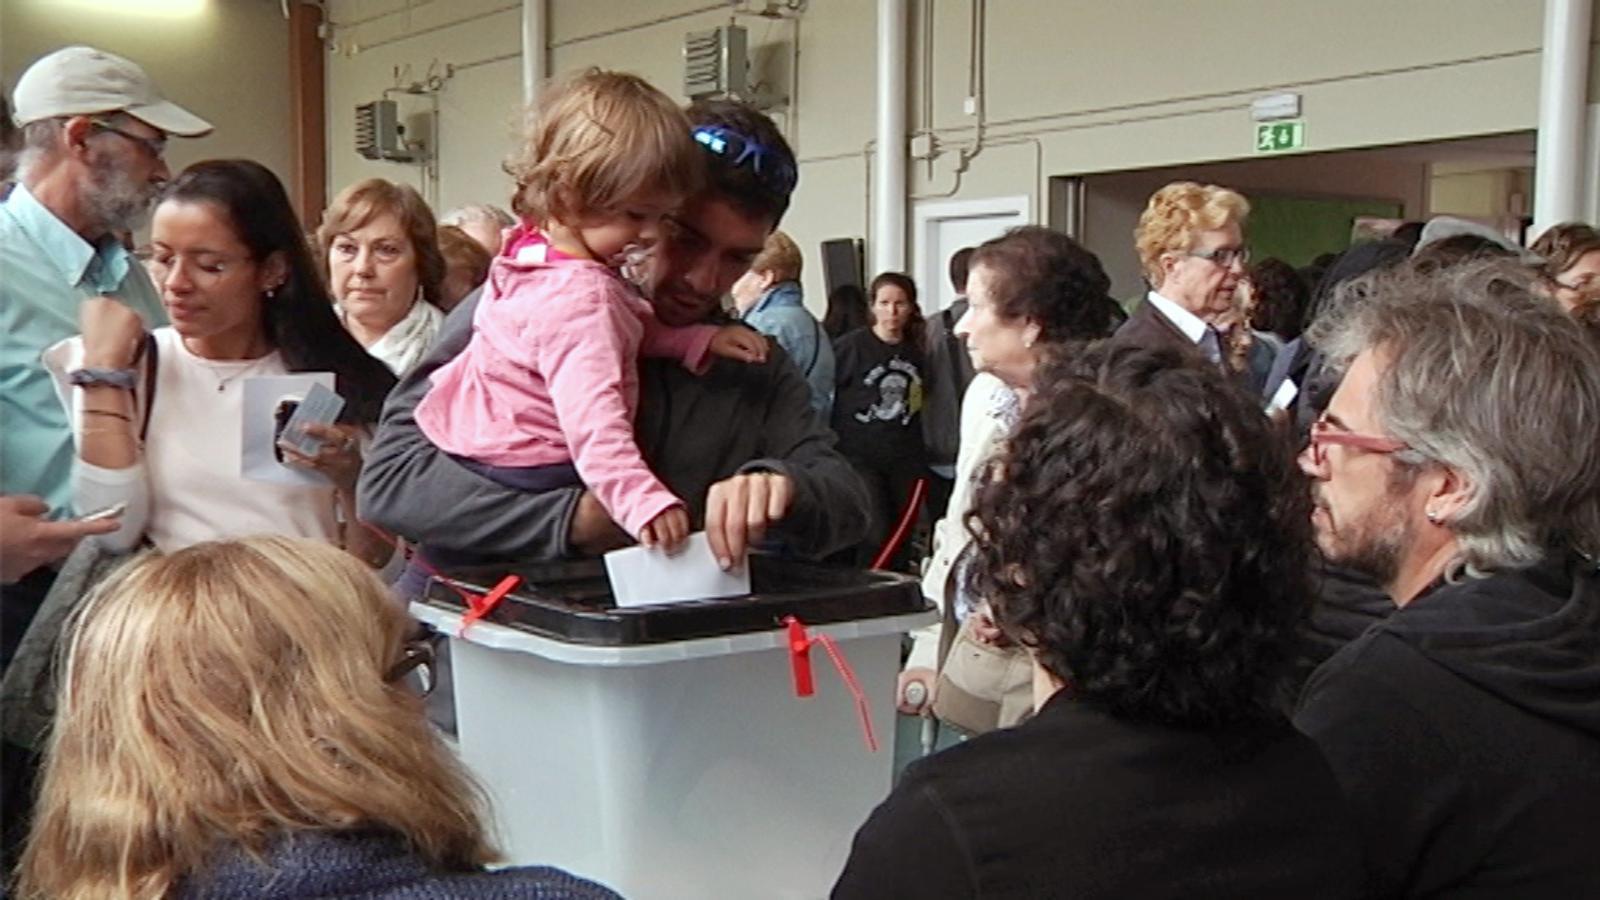 16 hores de mobilització a un col·legi electoral de Vic en 2 minuts